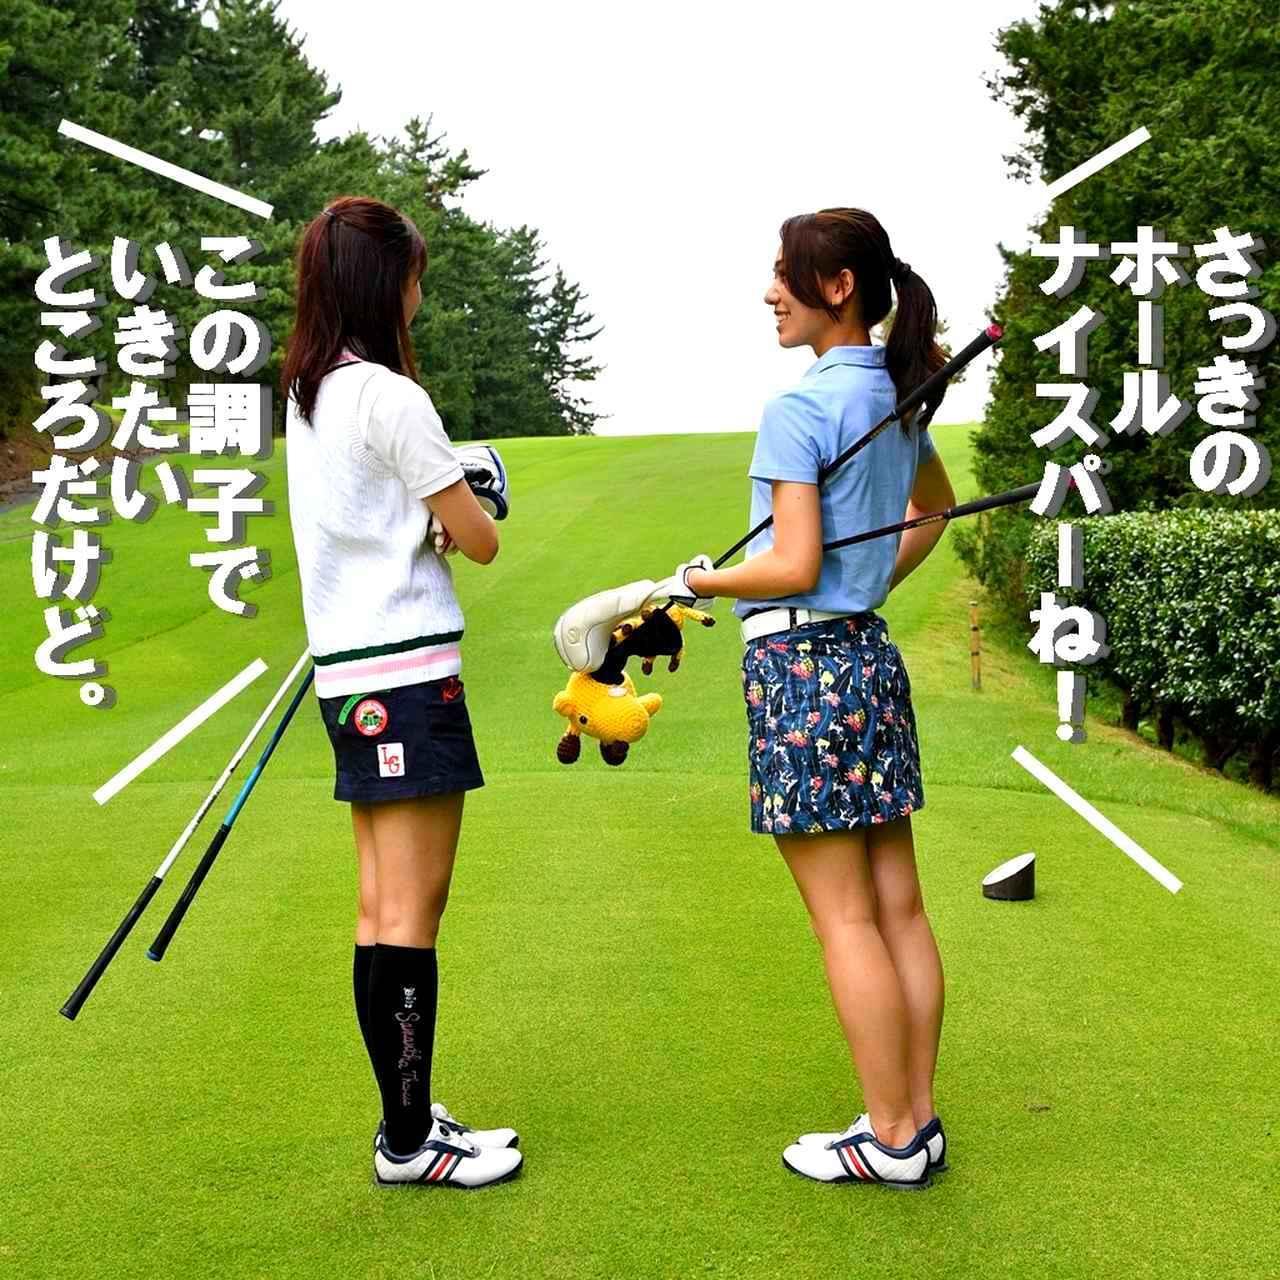 画像1: 【ルール】同伴者が打つ前に自分の使うクラブを伝えた。これってアドバイスになる?